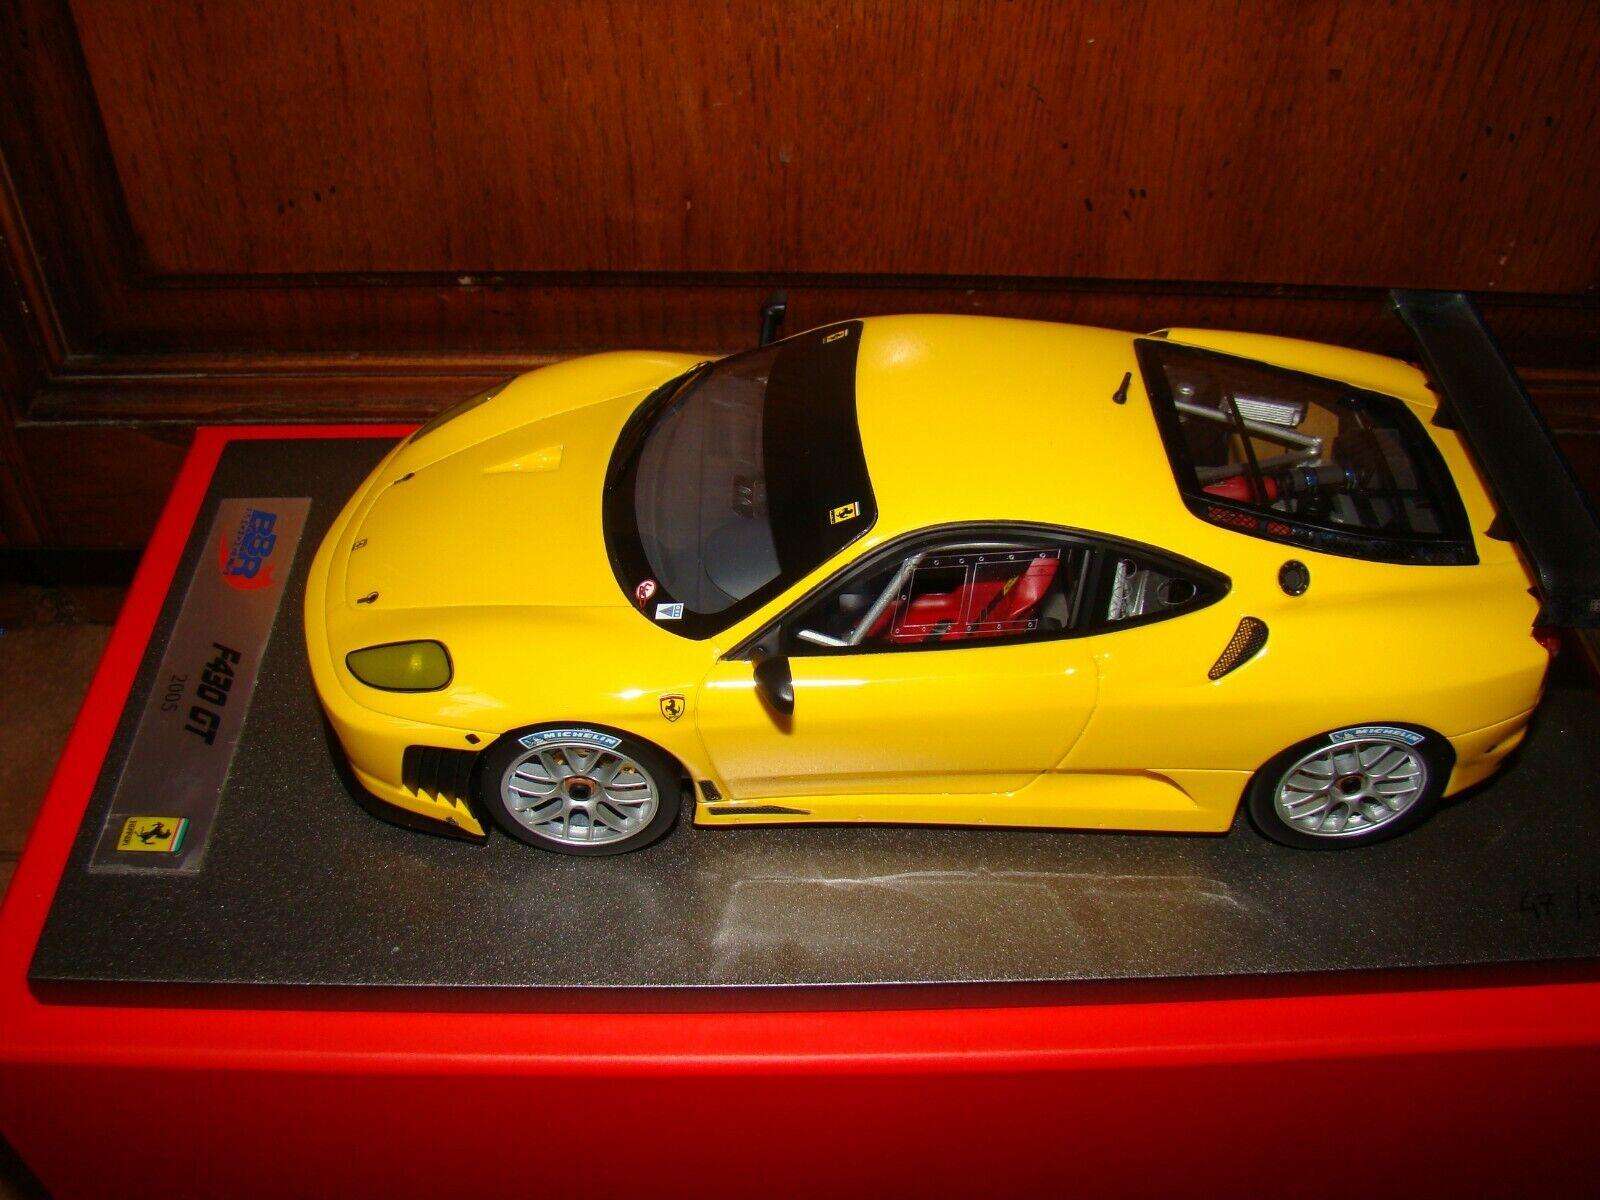 FERRARI F430  GT  2005  giallo MODENA  BBR1 18 EME LIMITED EDITION  SUPERBE RARE